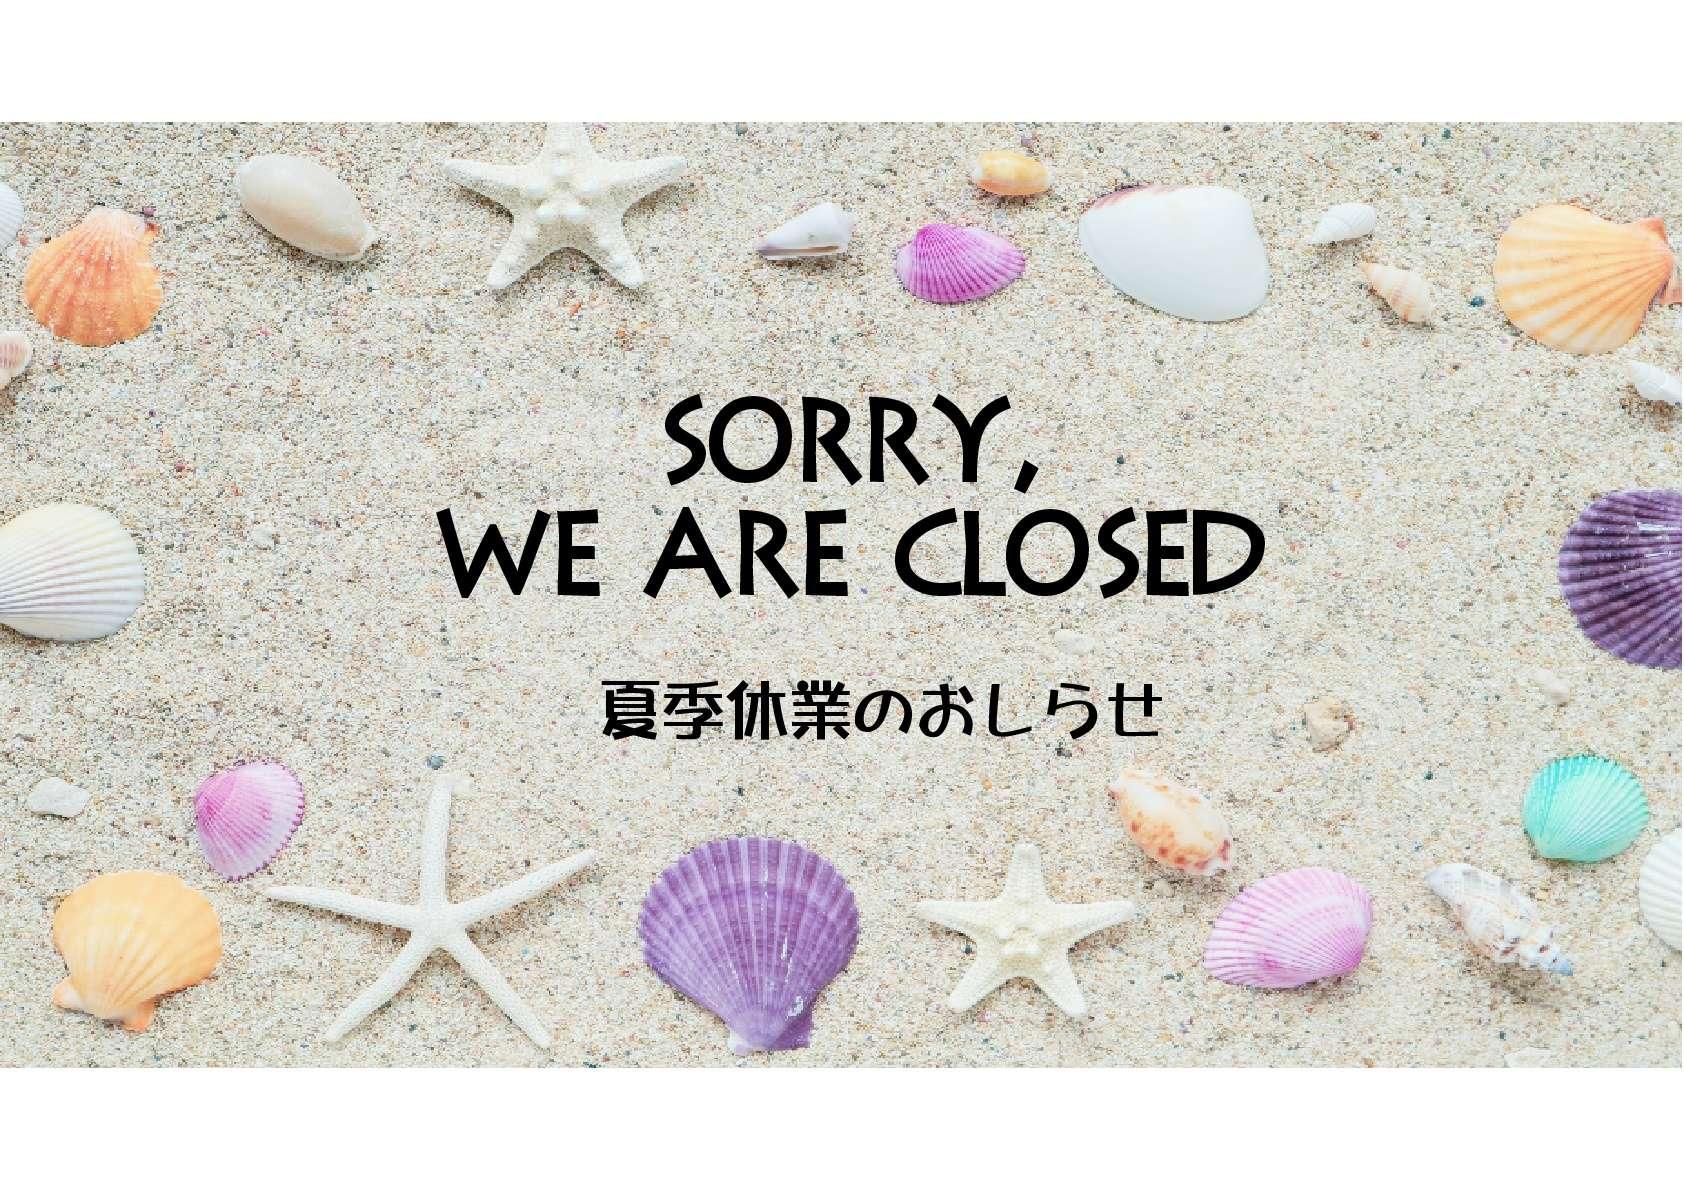 *** 夏季休業のお知らせ ***